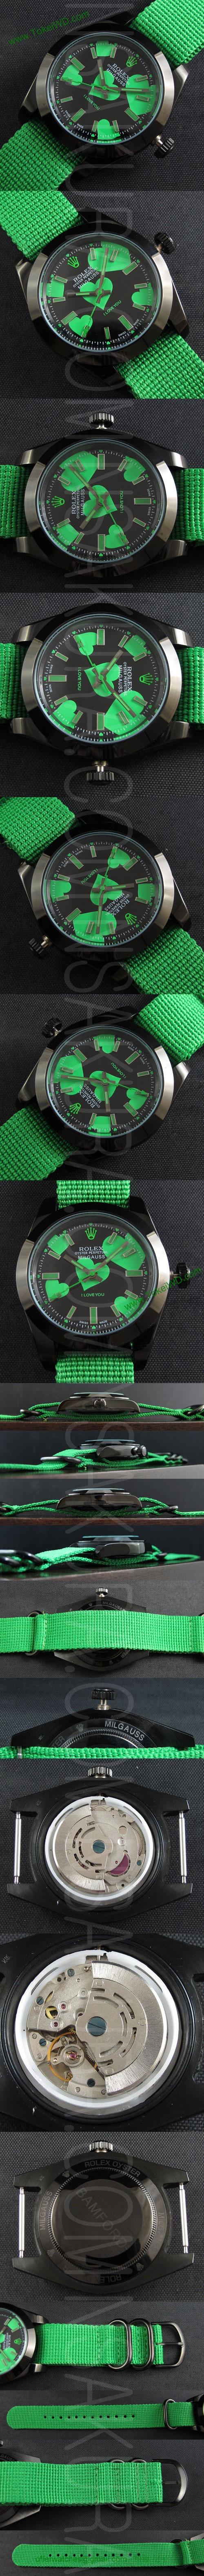 ロレックス 2015HFLSIE56 コピー 時計